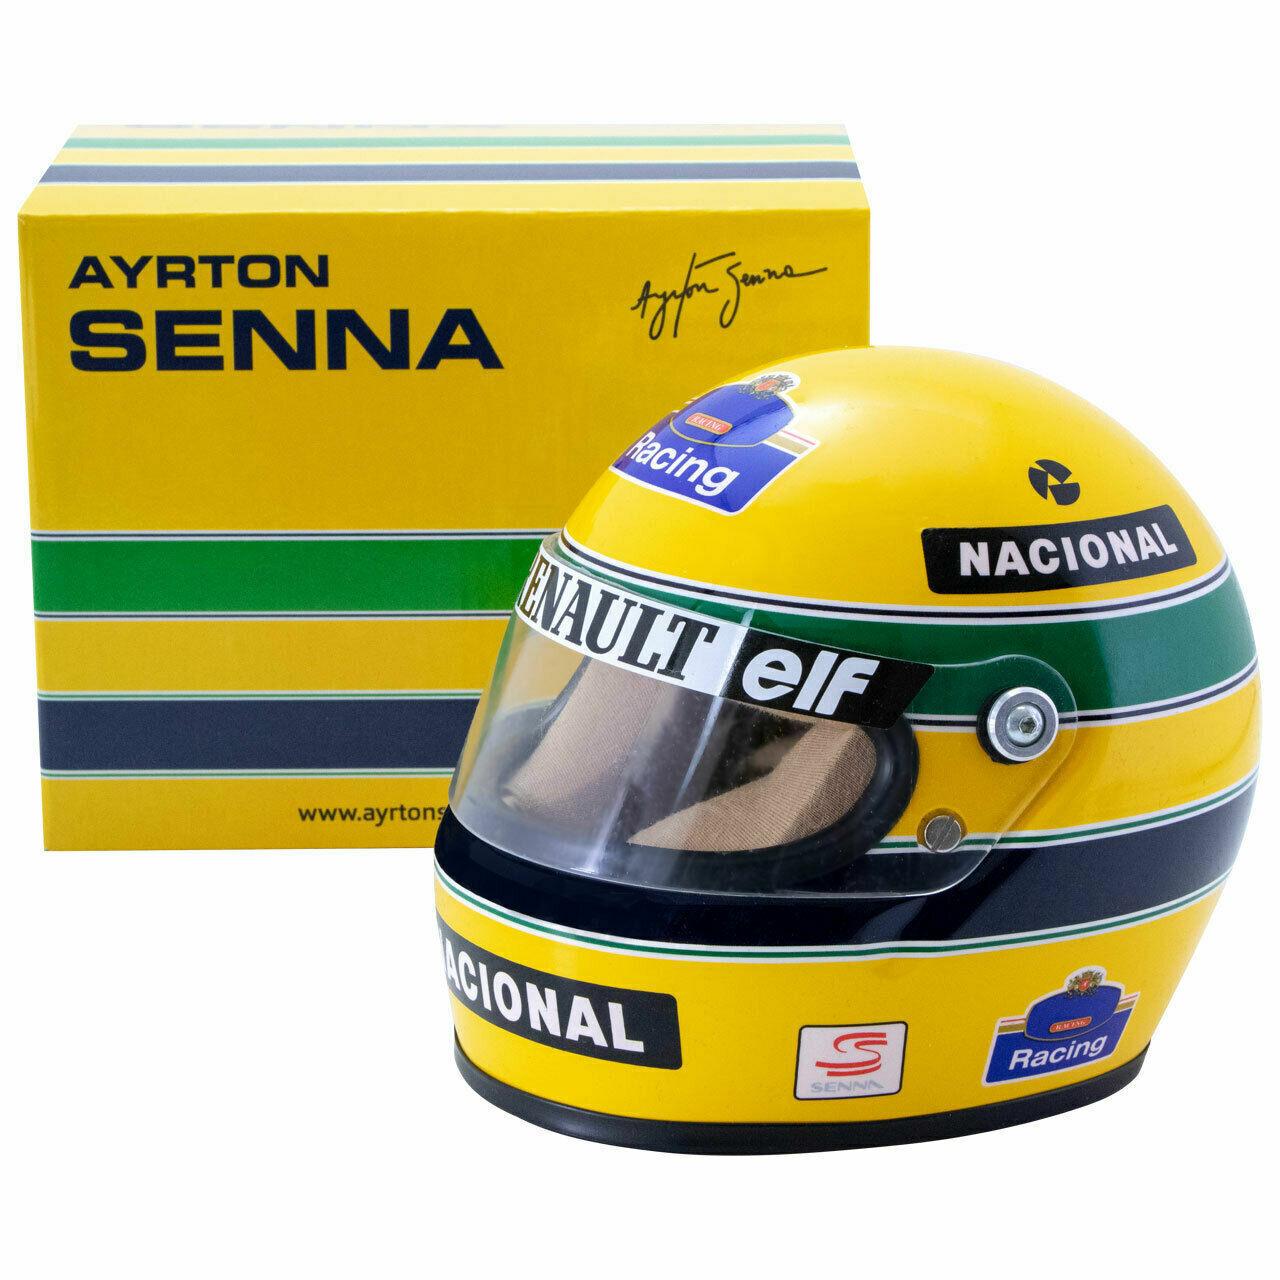 F1 CASQUE HELMET 1 2 AYRTON SENNA WILLIAMS RENAULT 1994